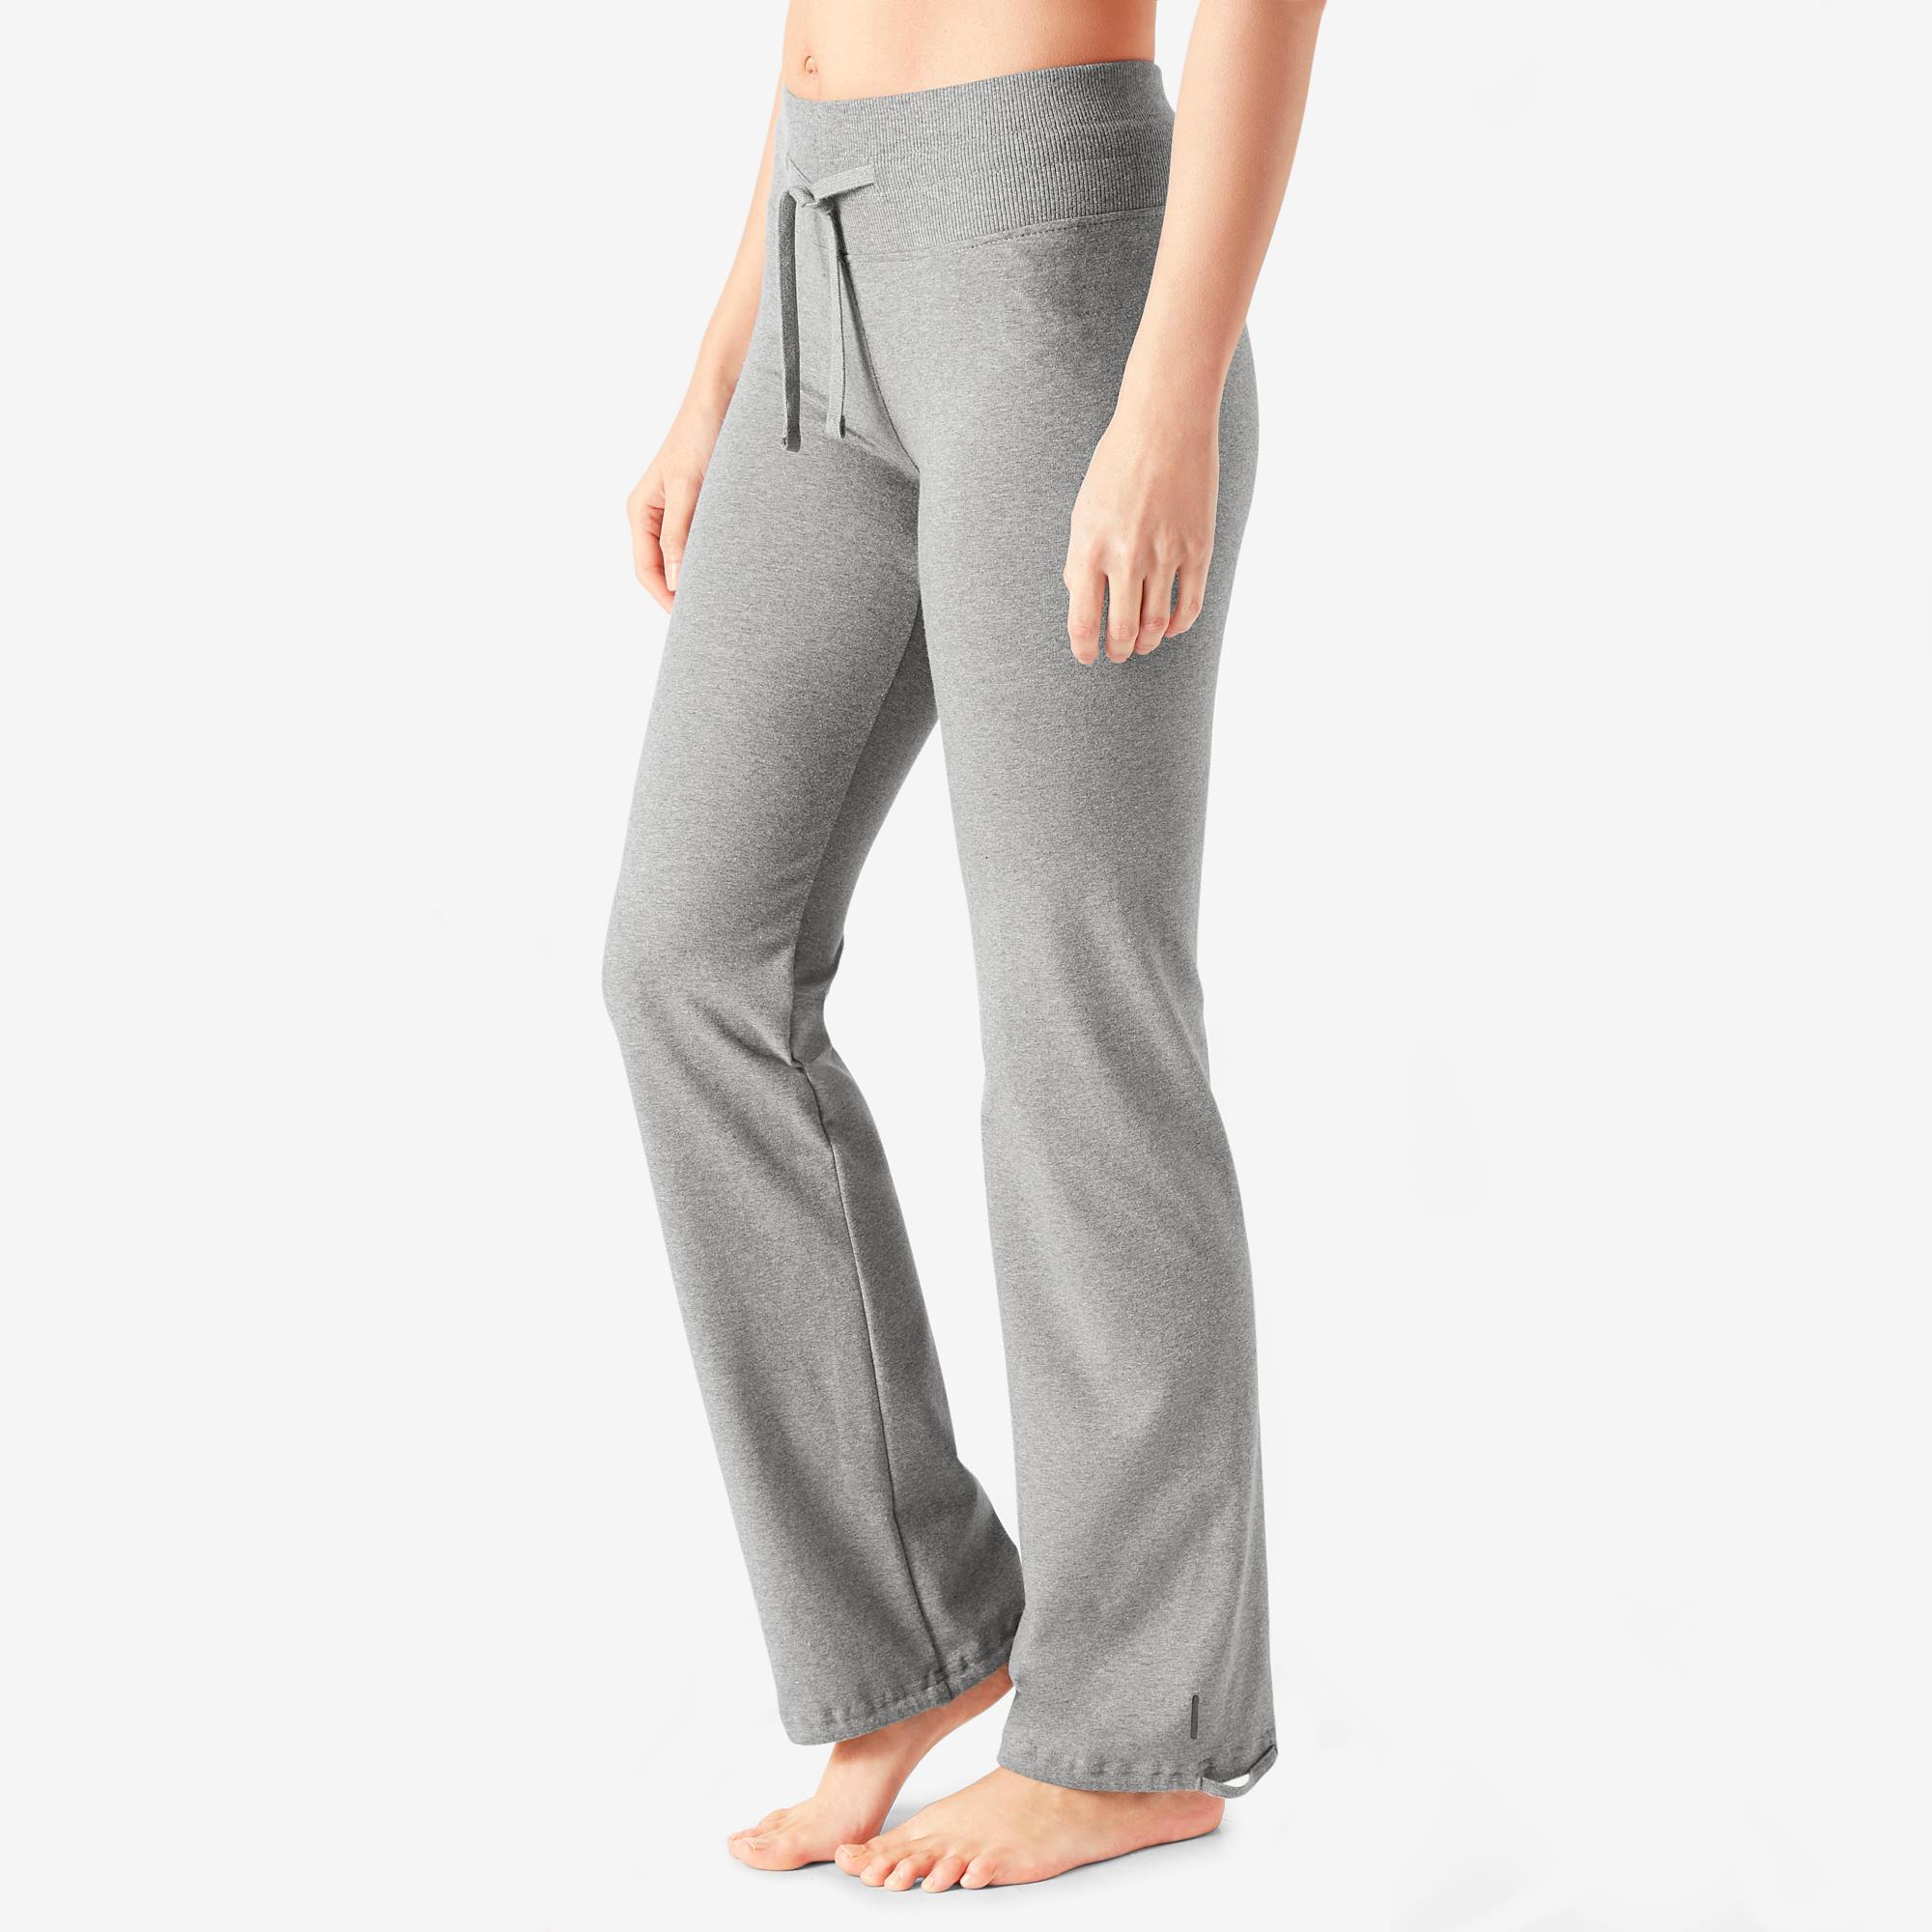 Leggings 500 Regular Damen | Bekleidung > Hosen > Leggings | Nyamba